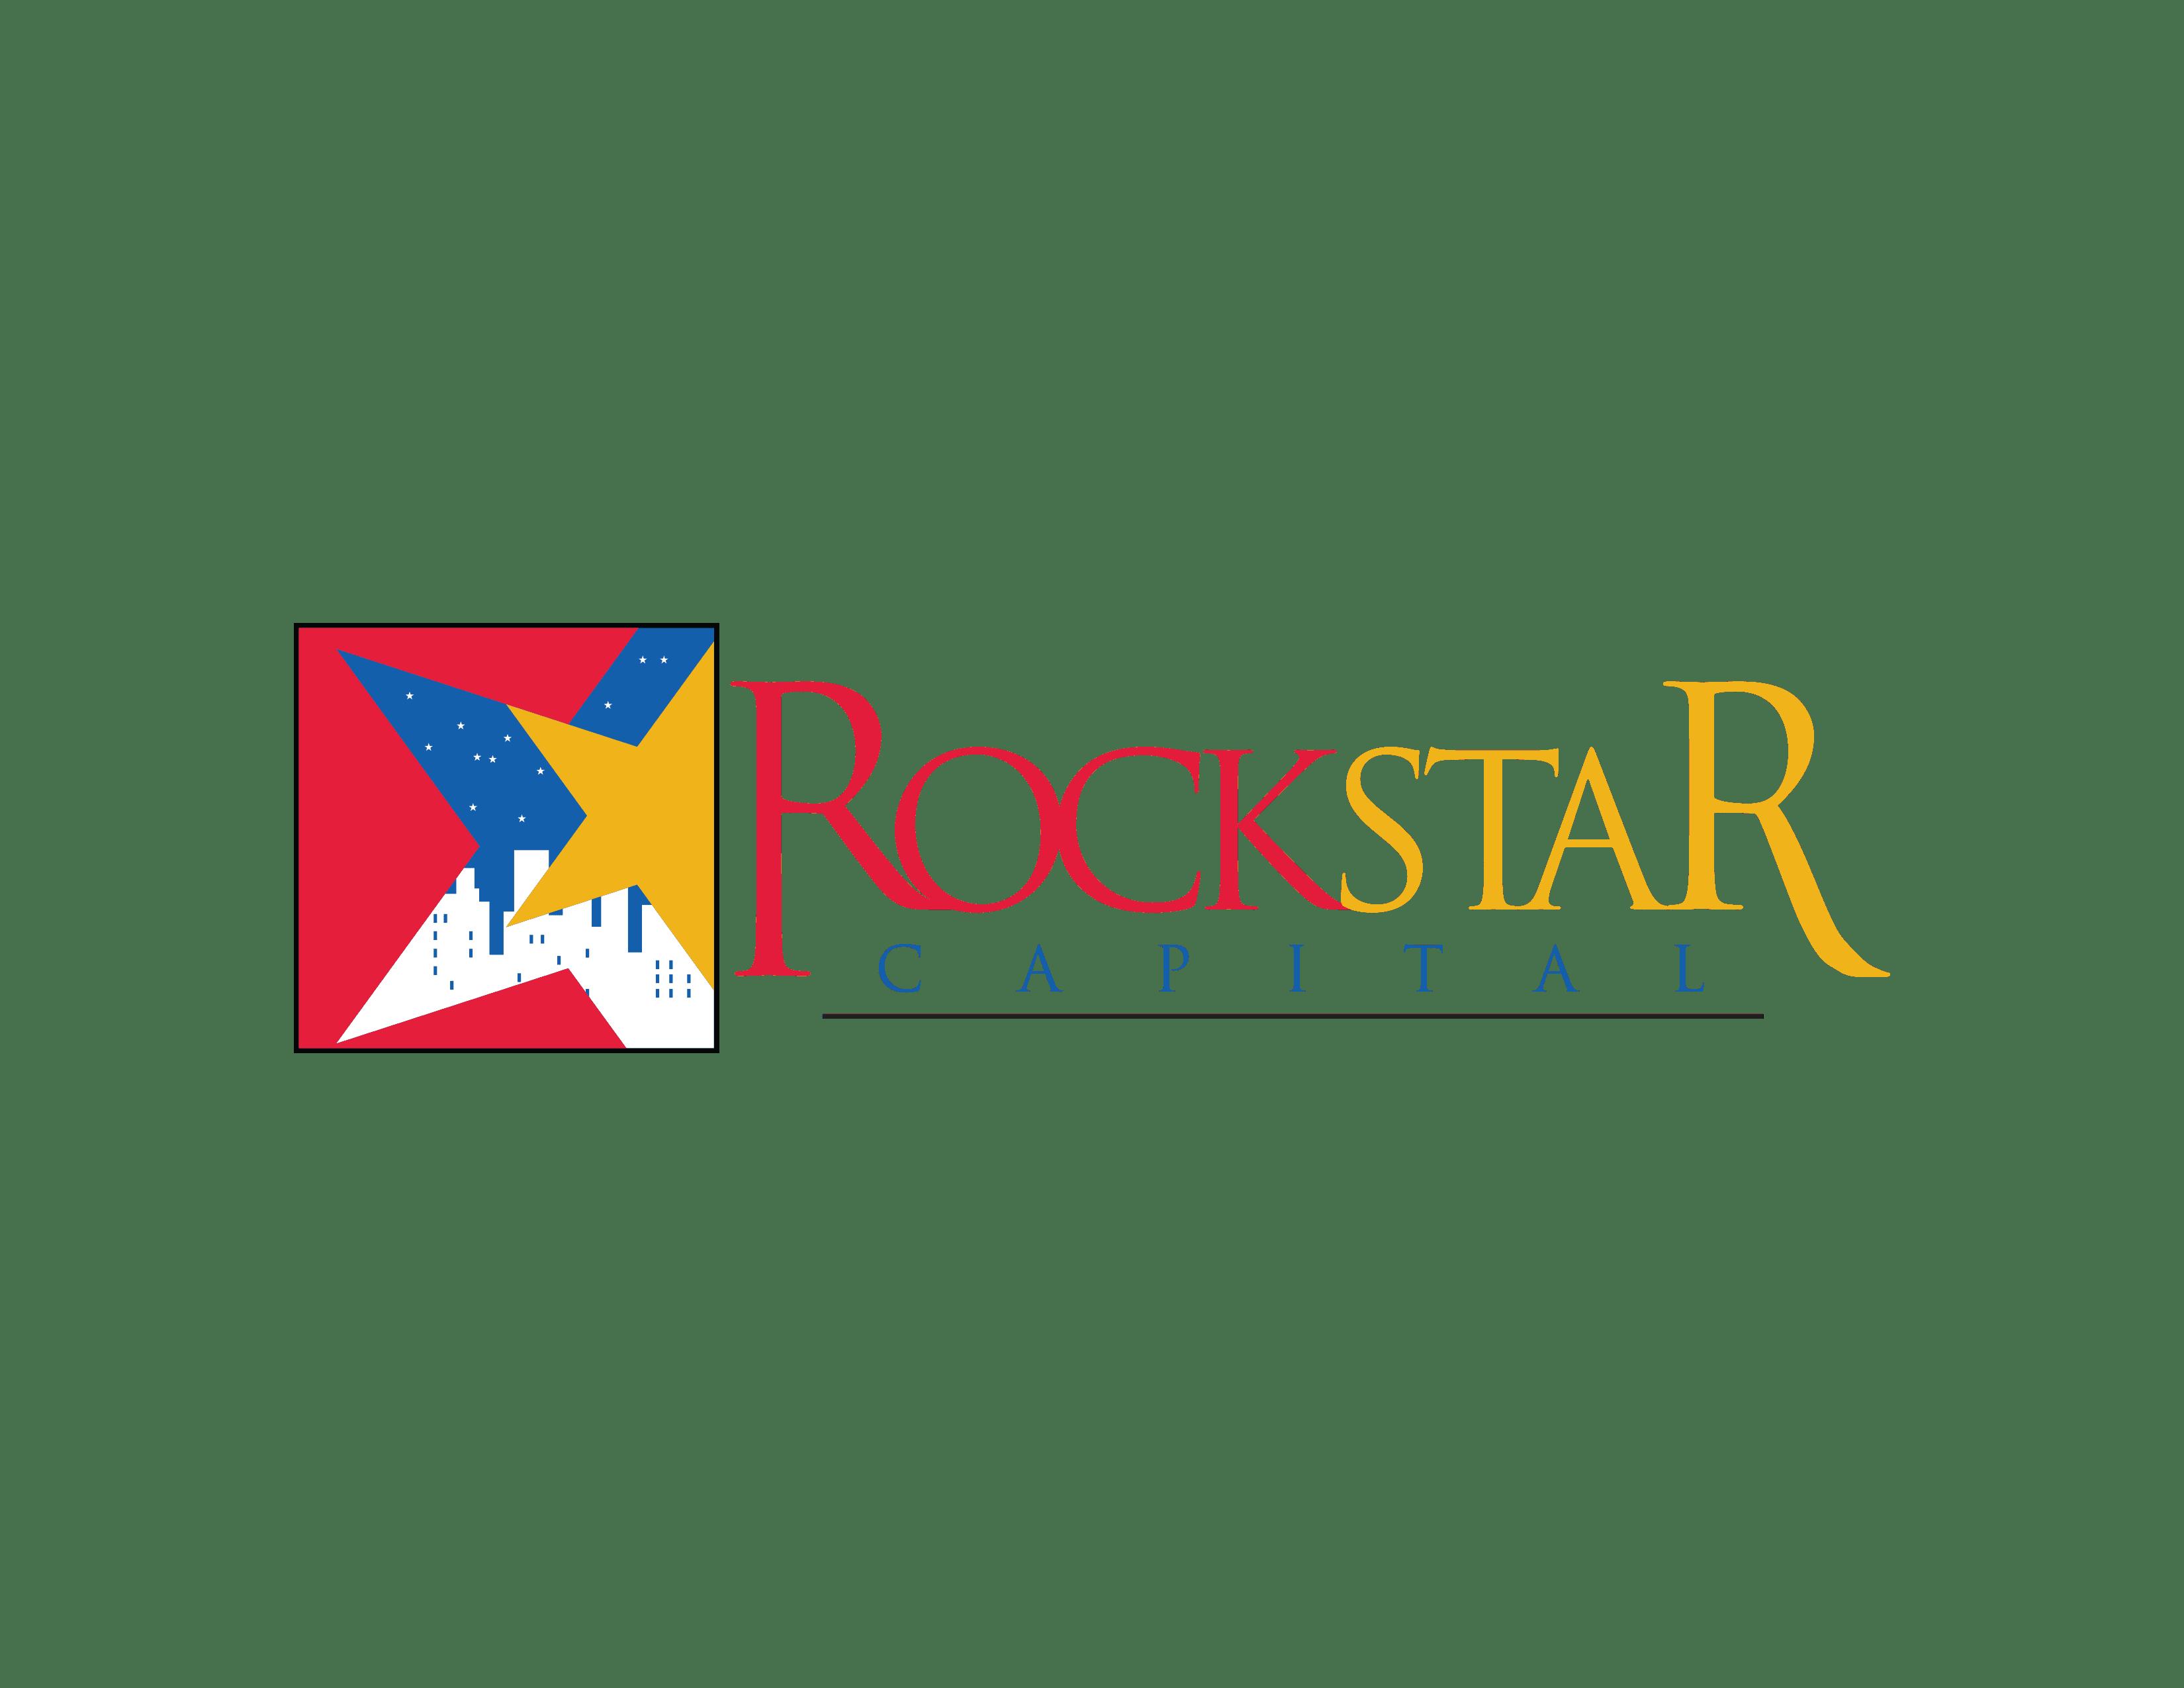 Rockstar Capital